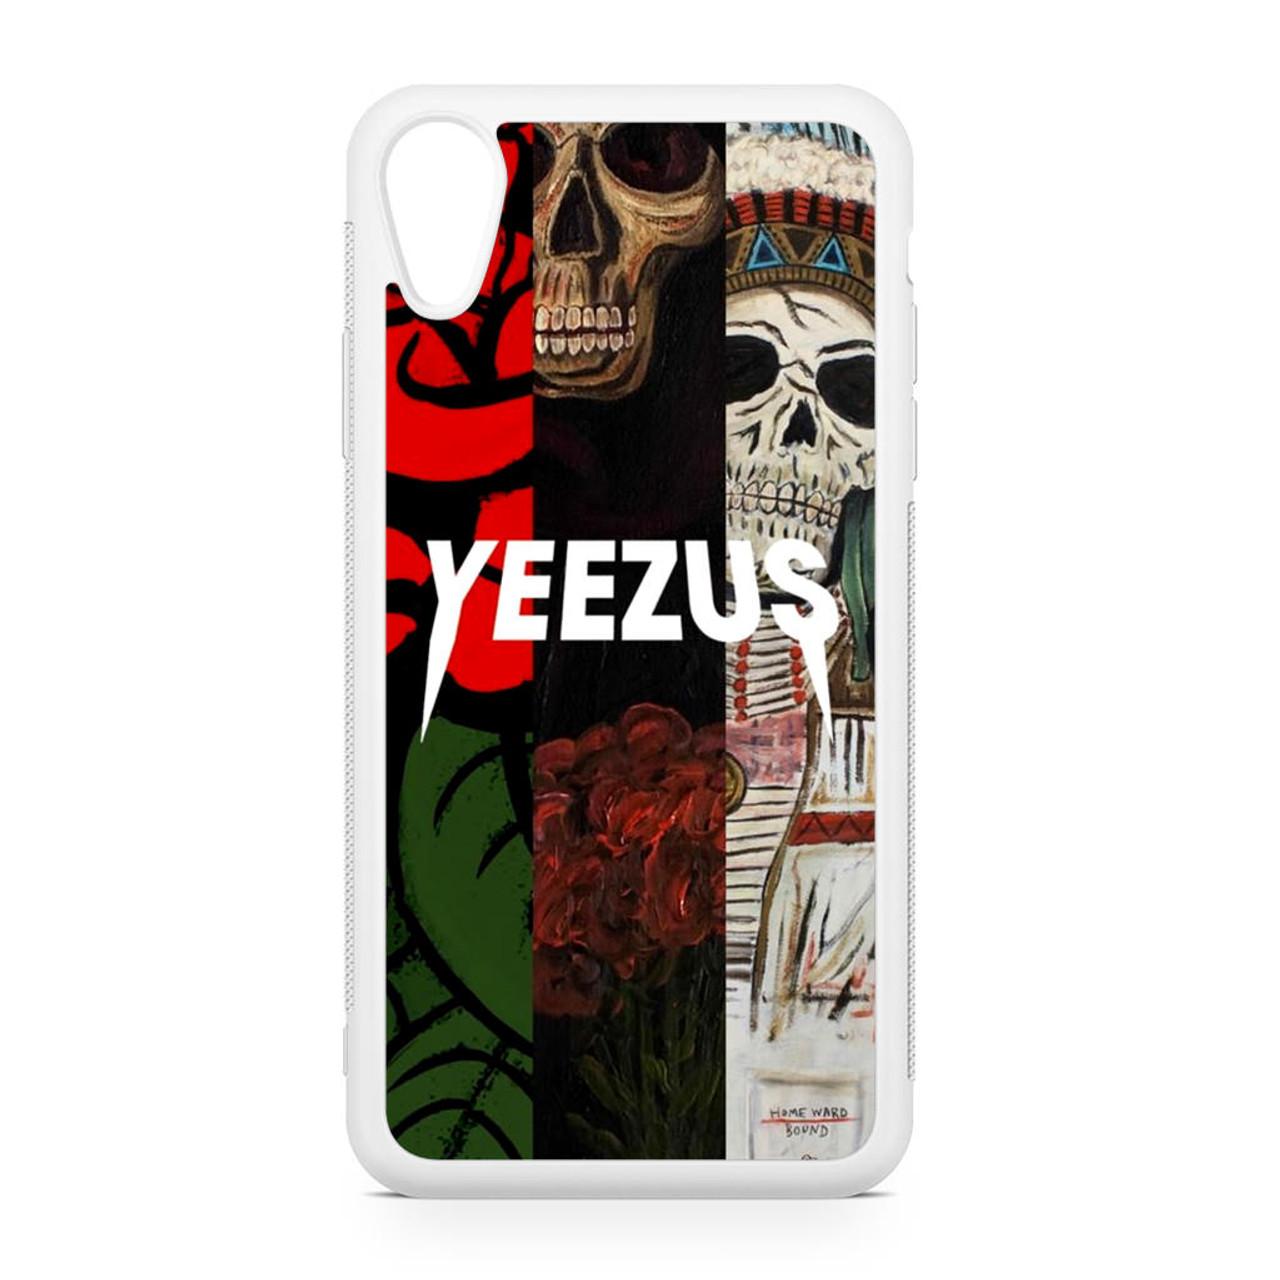 Yeezus iphone case